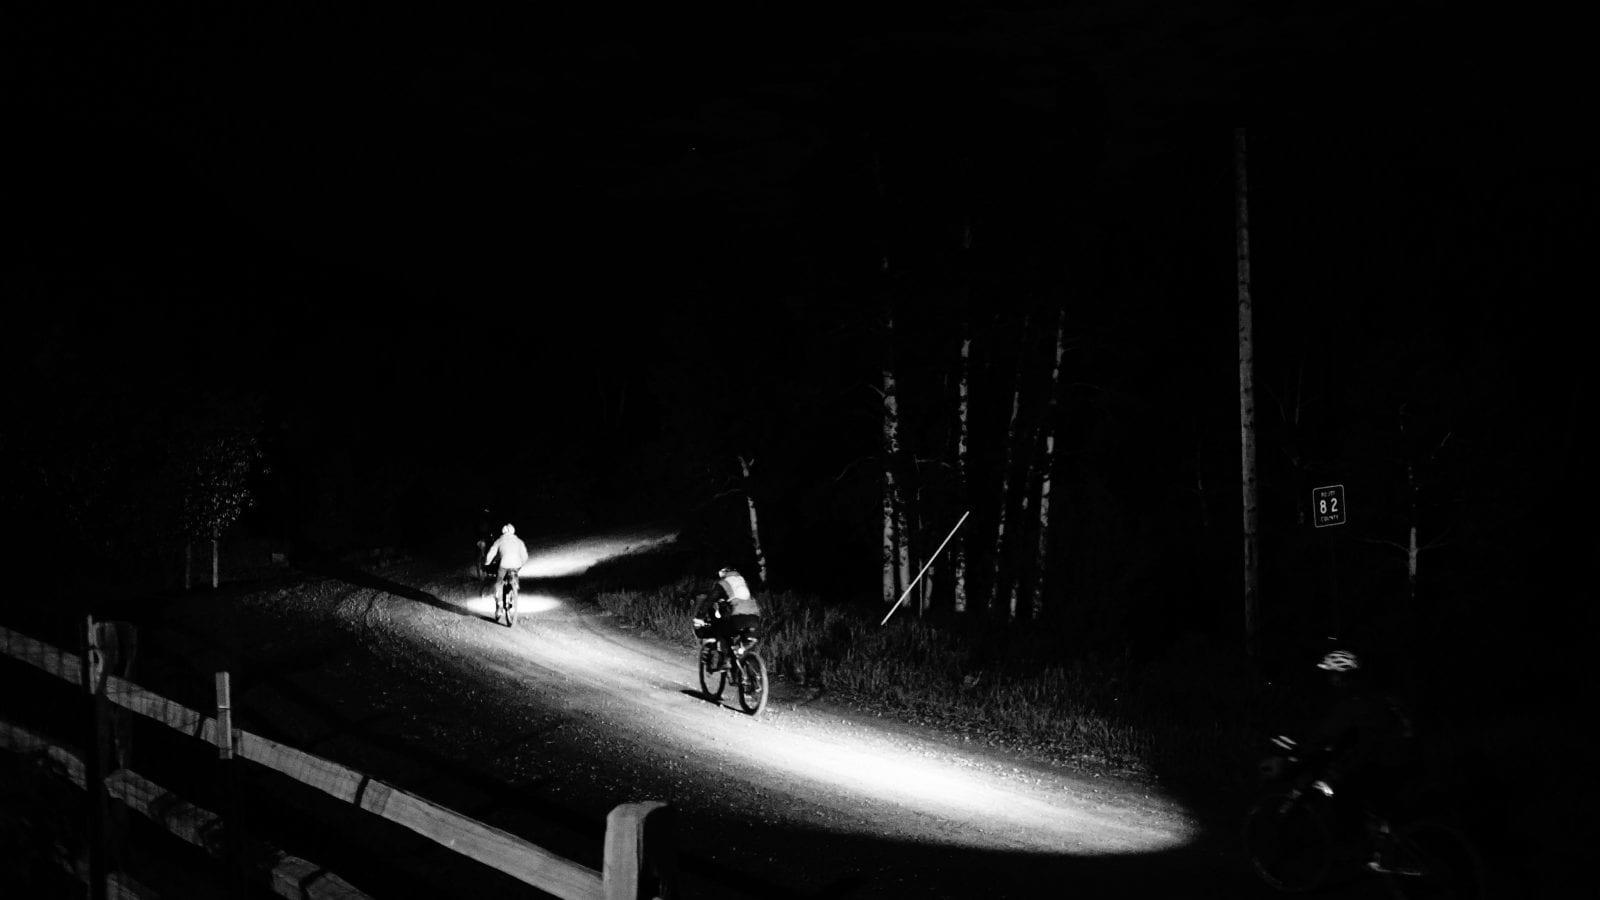 Peter Sandholdt Tour Divide 2019 Ryan le Garrec